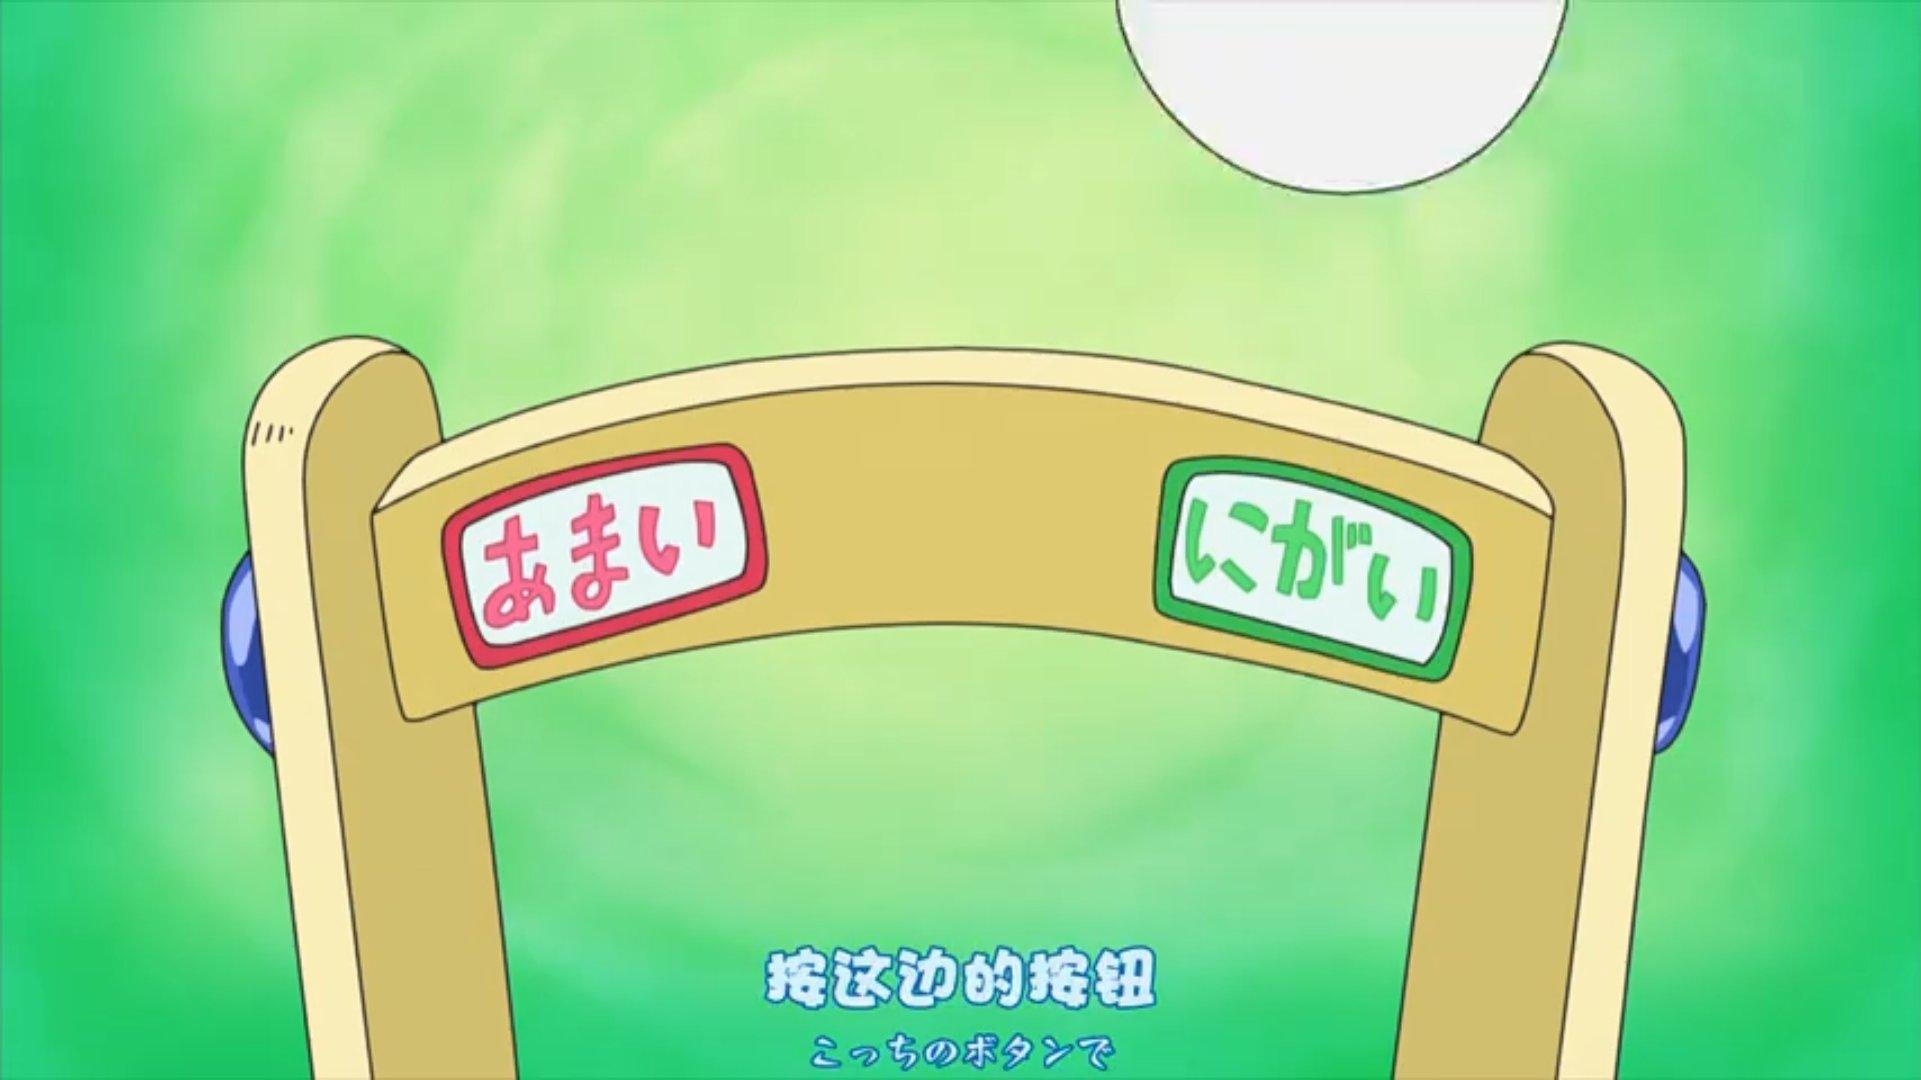 【视频】哆啦A梦用甜水召来了冰淇凌车,大雄用苦水赶走了老师-小柚妹站